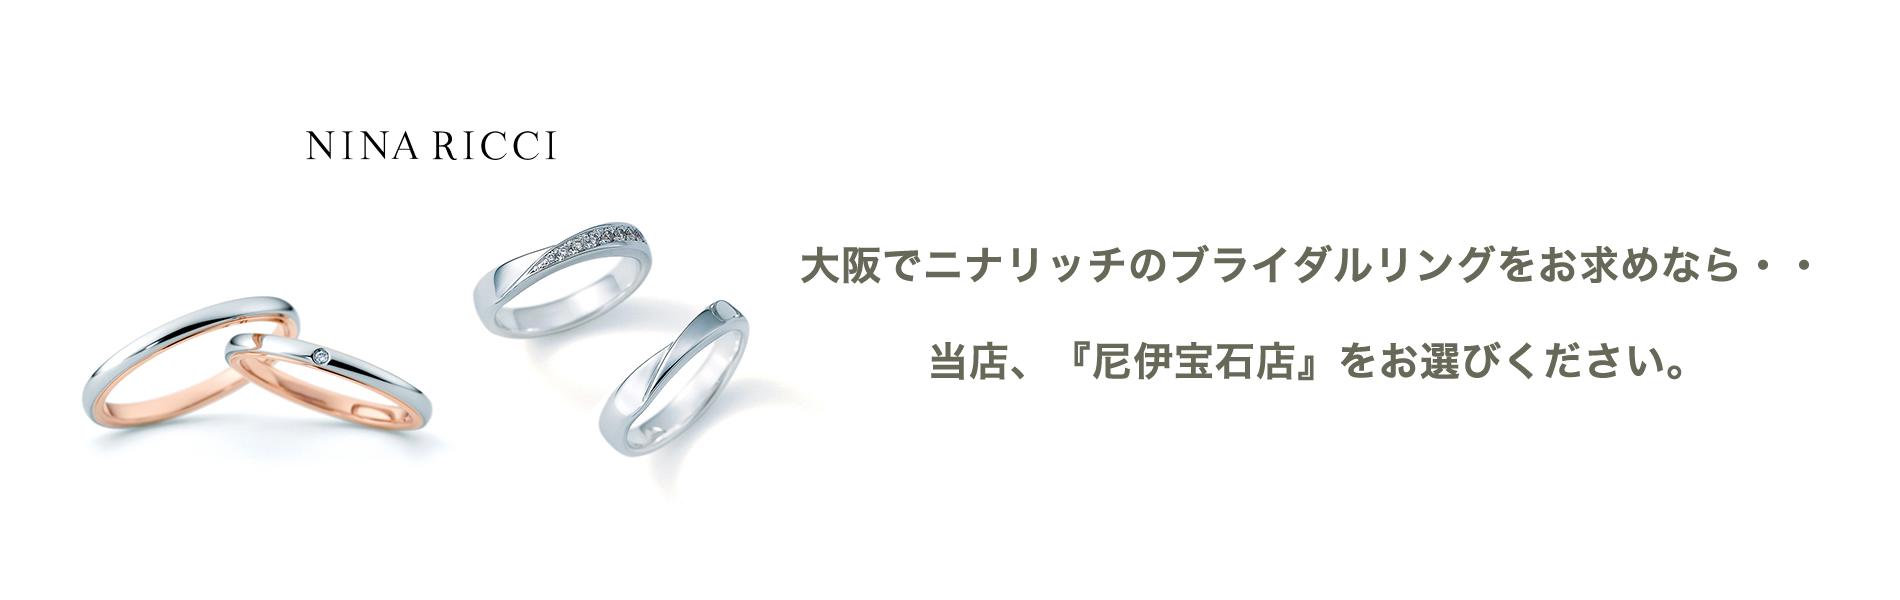 大阪でニナリッチのブライダルリングをお求めなら・・当店、『尼伊宝石店』をお選びください。